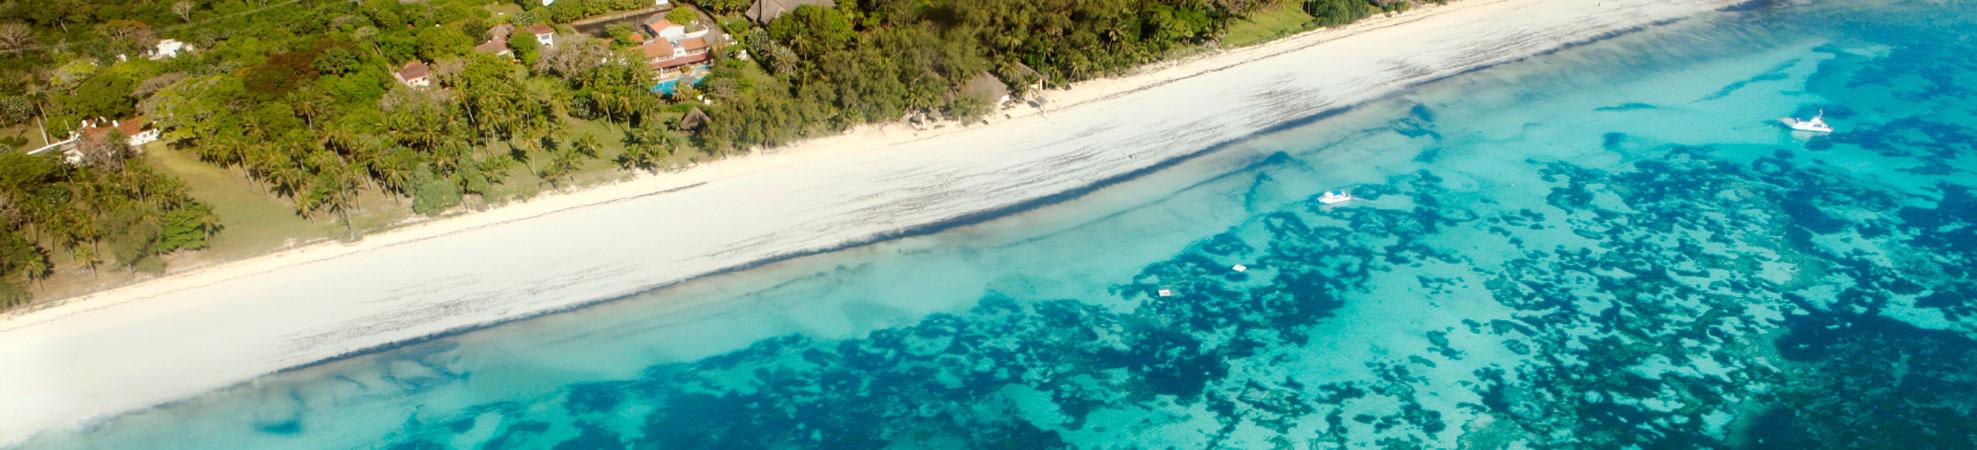 Kenya plage